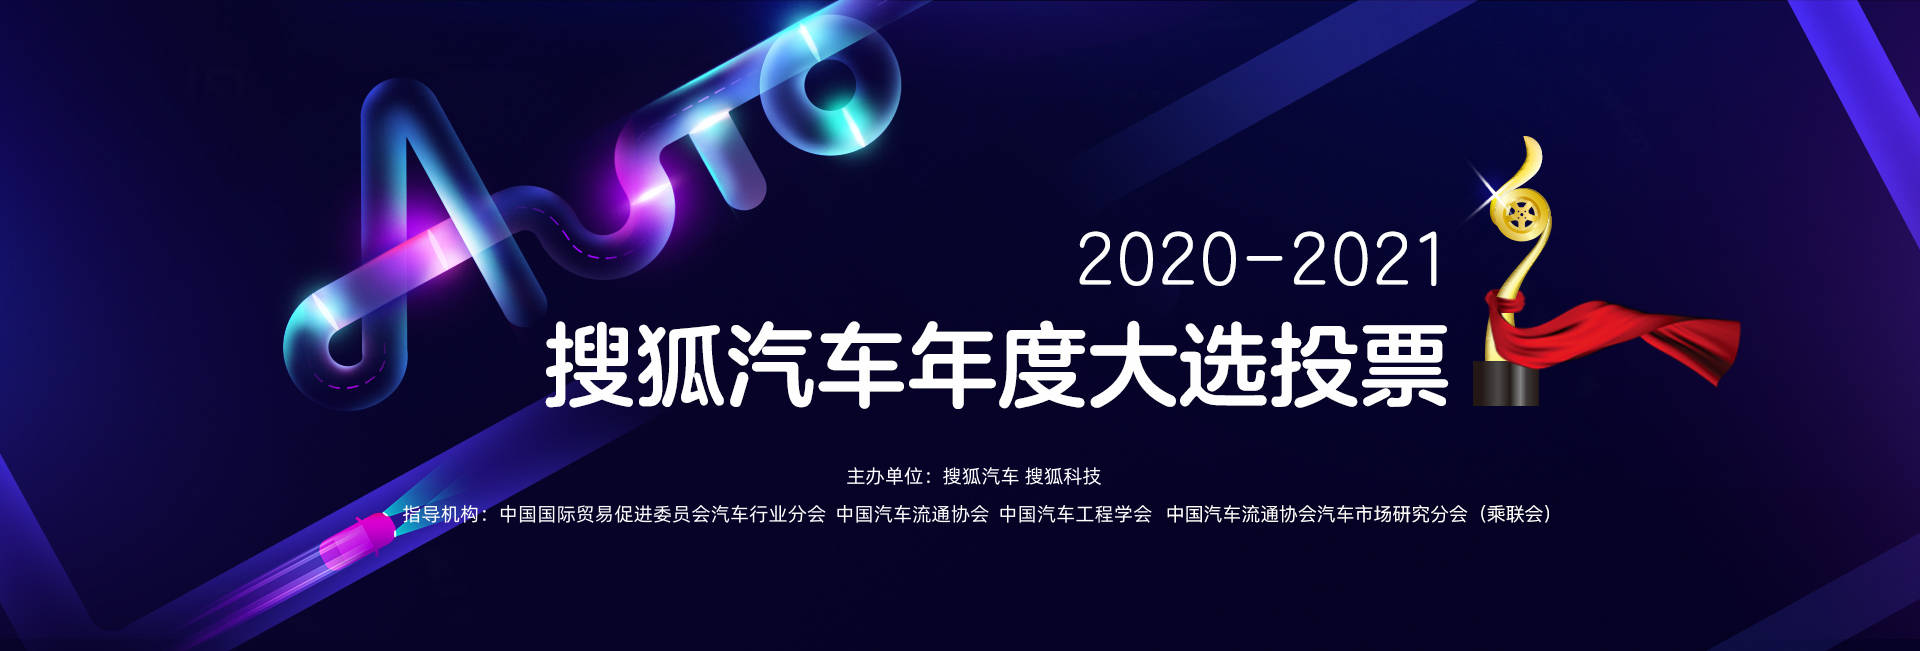 智慧盛宴,荣耀竞赛,2020-2021搜狐汽车年度大选中开启在线投票